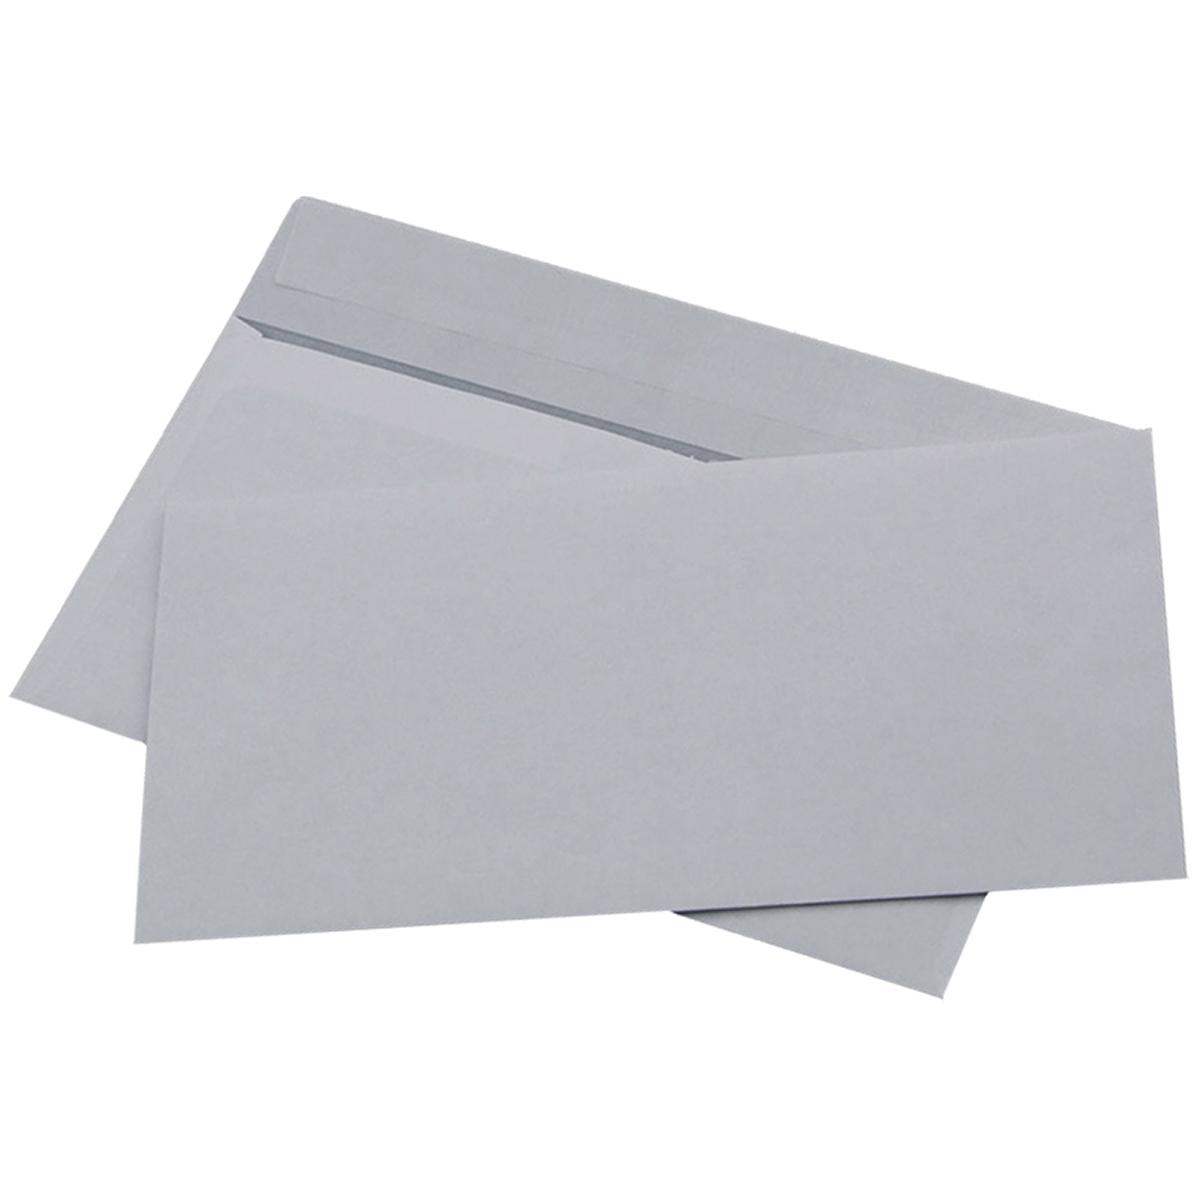 Конверт E65 200 шт 70201.200PP-207Почтовый конверт формата E65 из белой офсетной бумаги. Предназначен для почтовых отправлений.